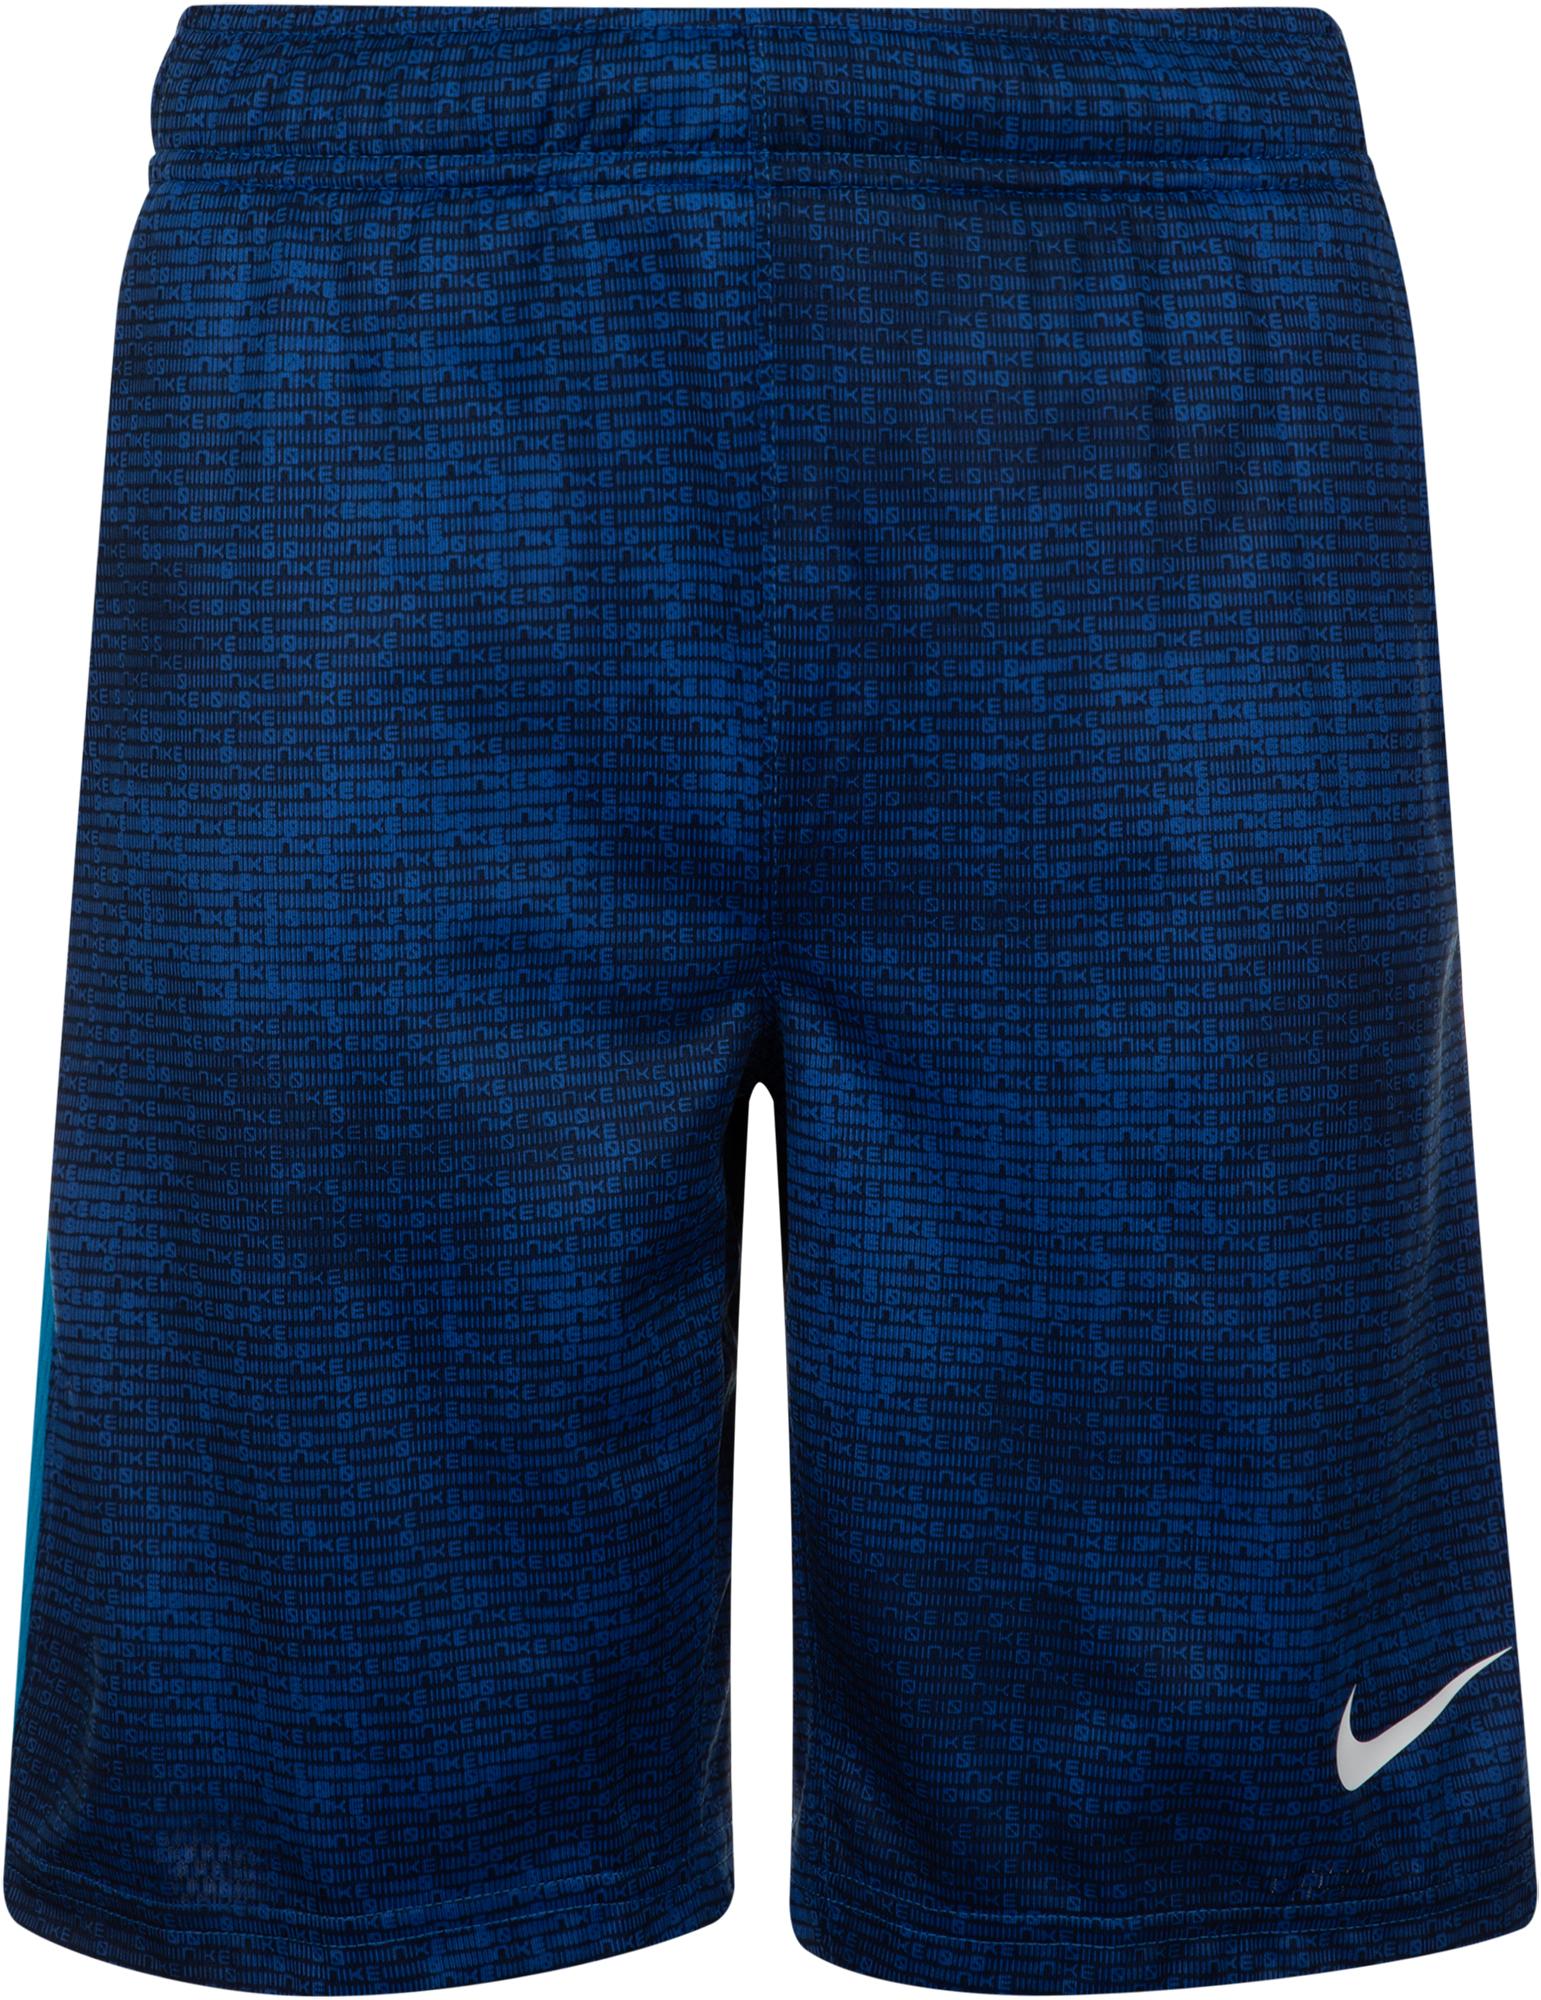 цена на Nike Шорты для мальчиков Nike Dri-FIT, размер 147-158